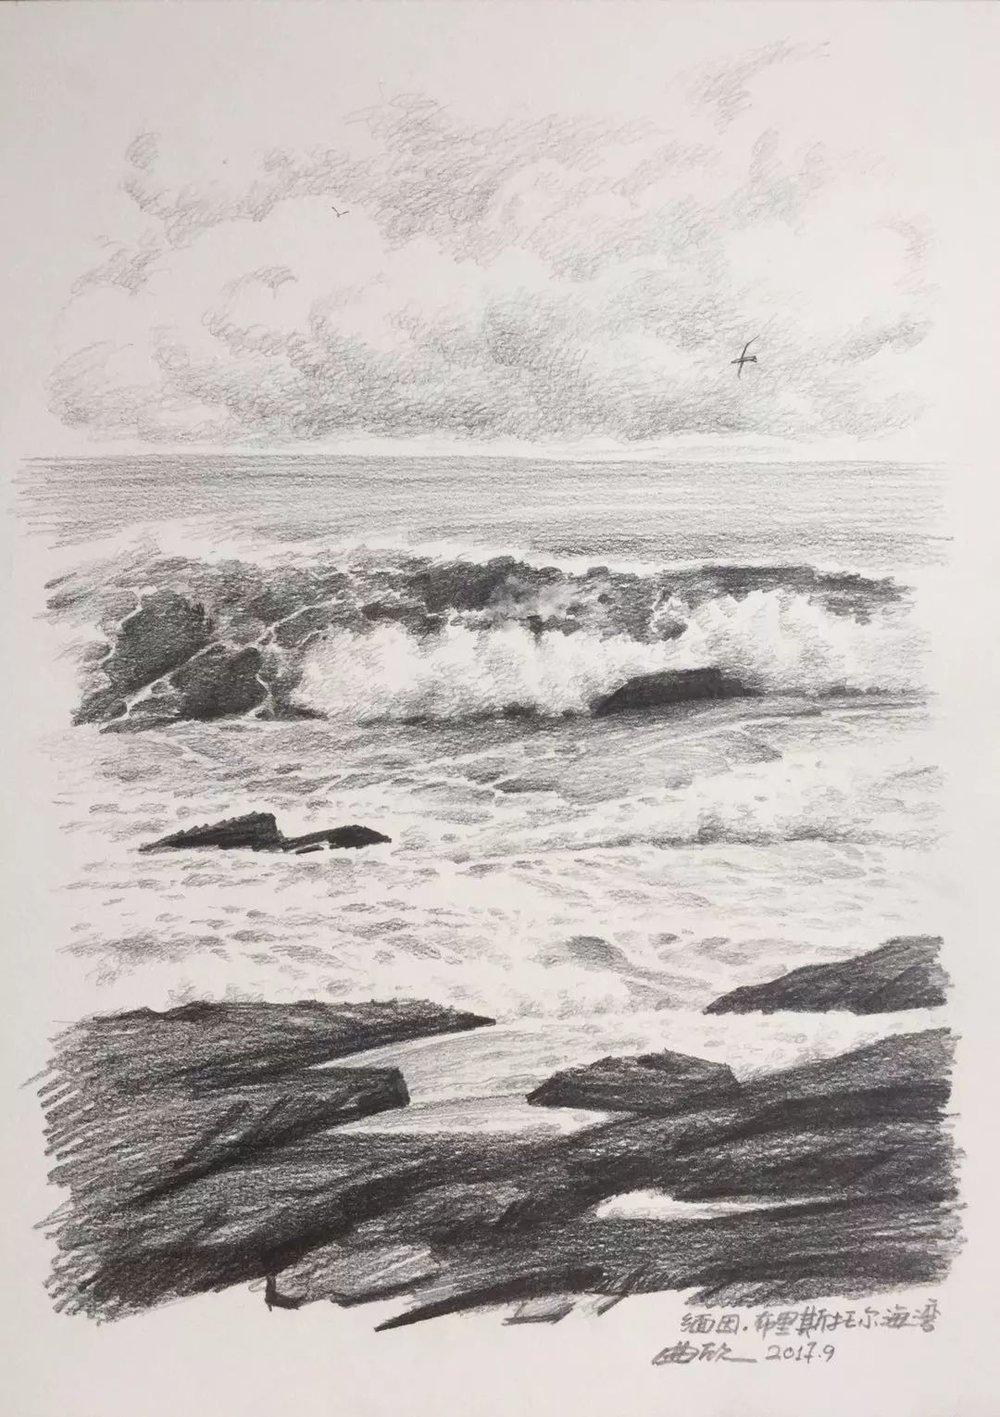 曲欣,《礁石与海浪》,纸面铅笔,28×38cm,2017年9月